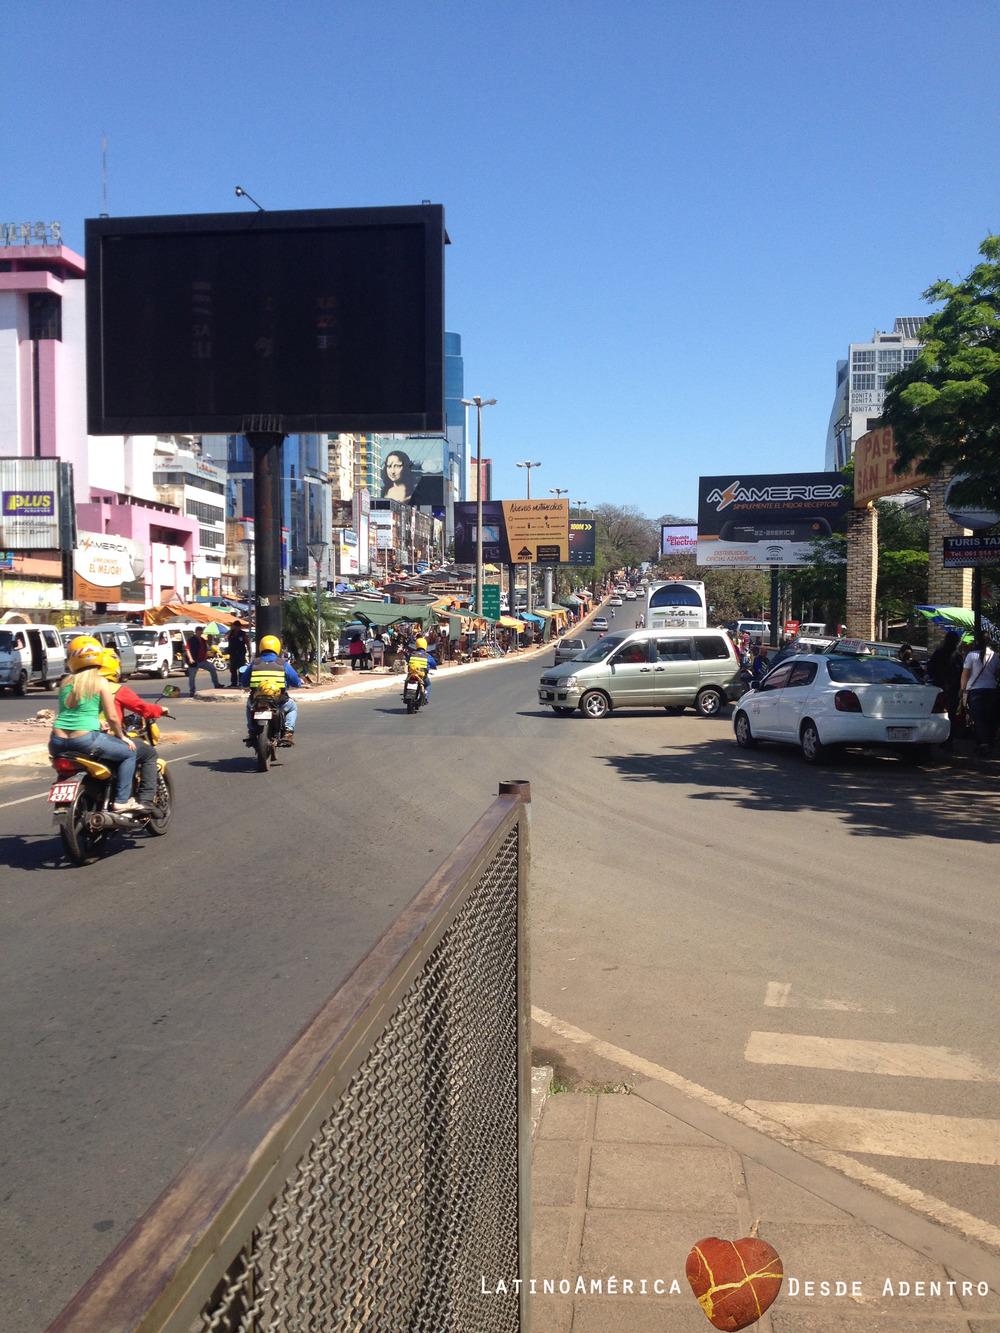 Así se ve Paraguay cuando se cruza el Puente de la Amistad